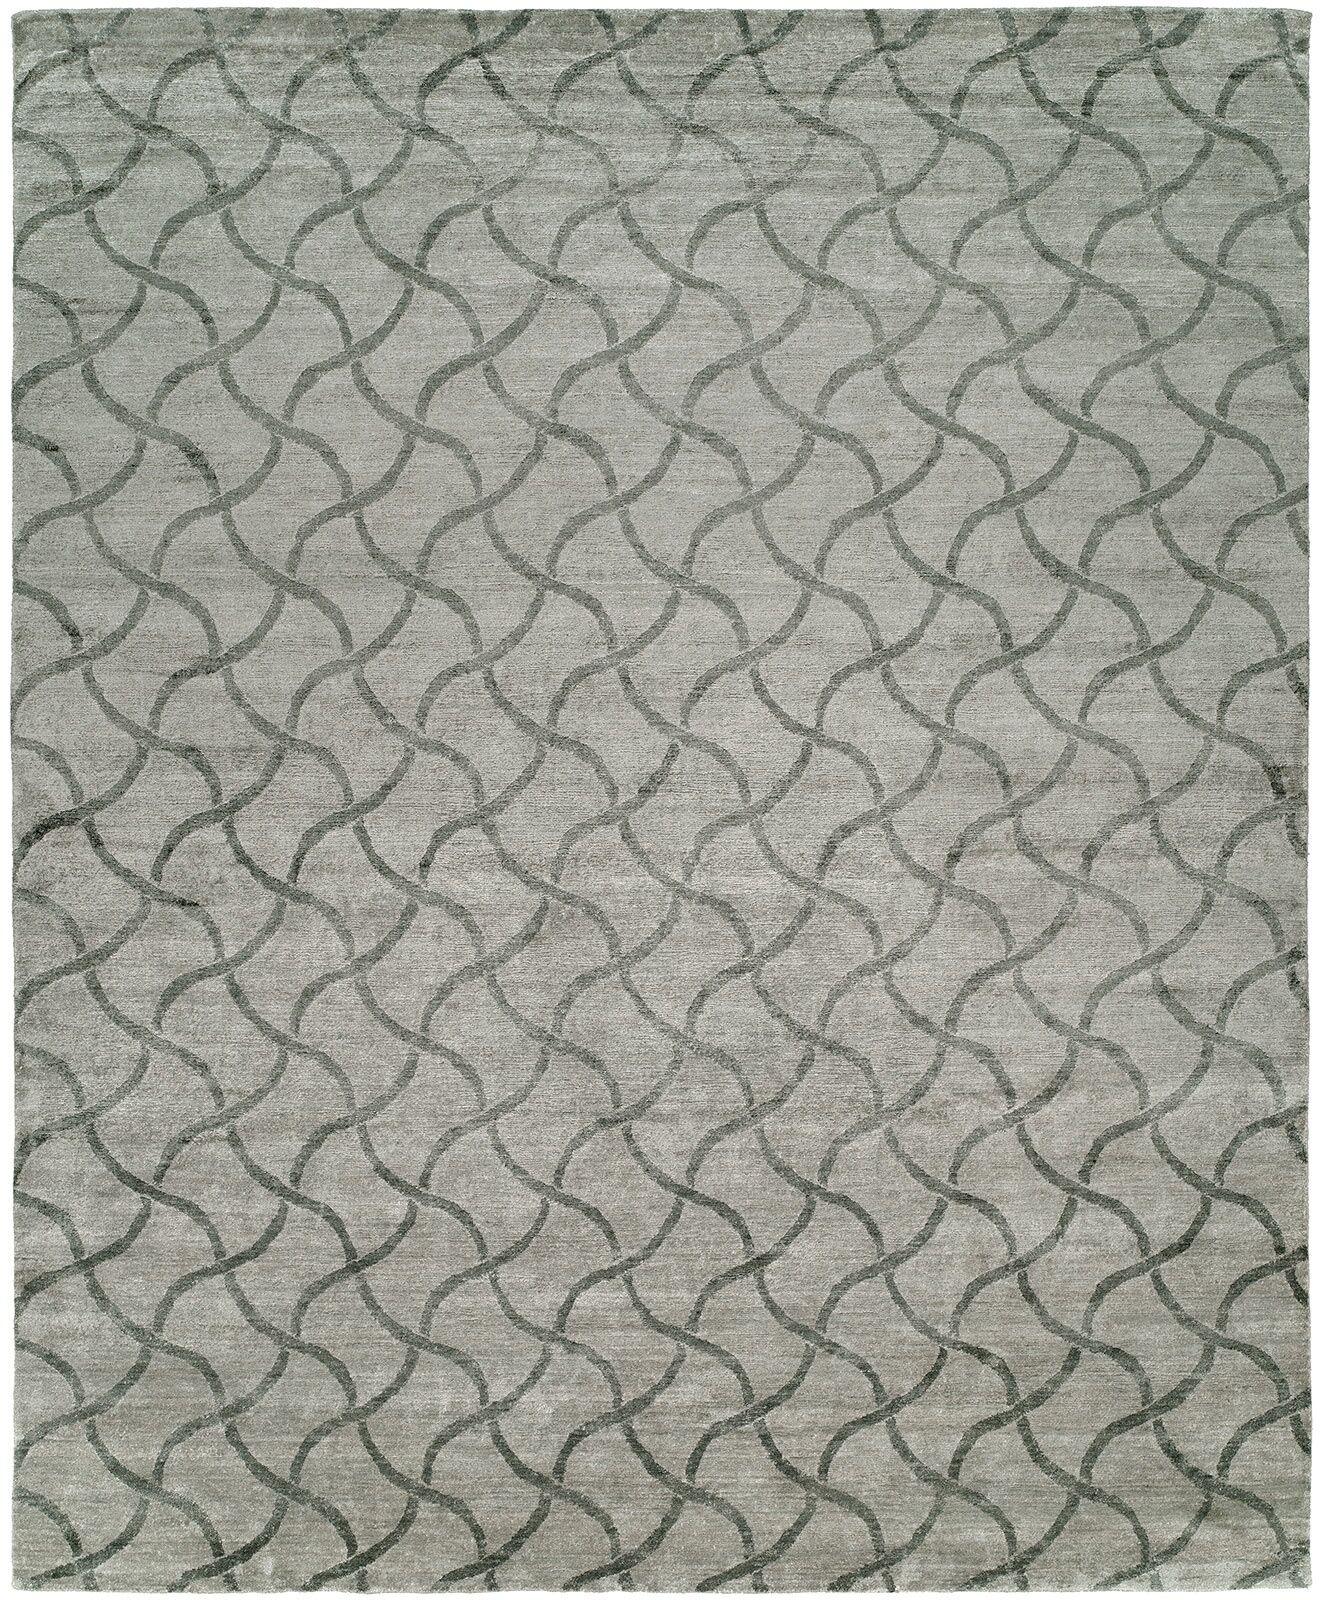 Hazeltine Hand-Knotted Platinum Area Rug Rug Size: Rectangle 12' x 15'